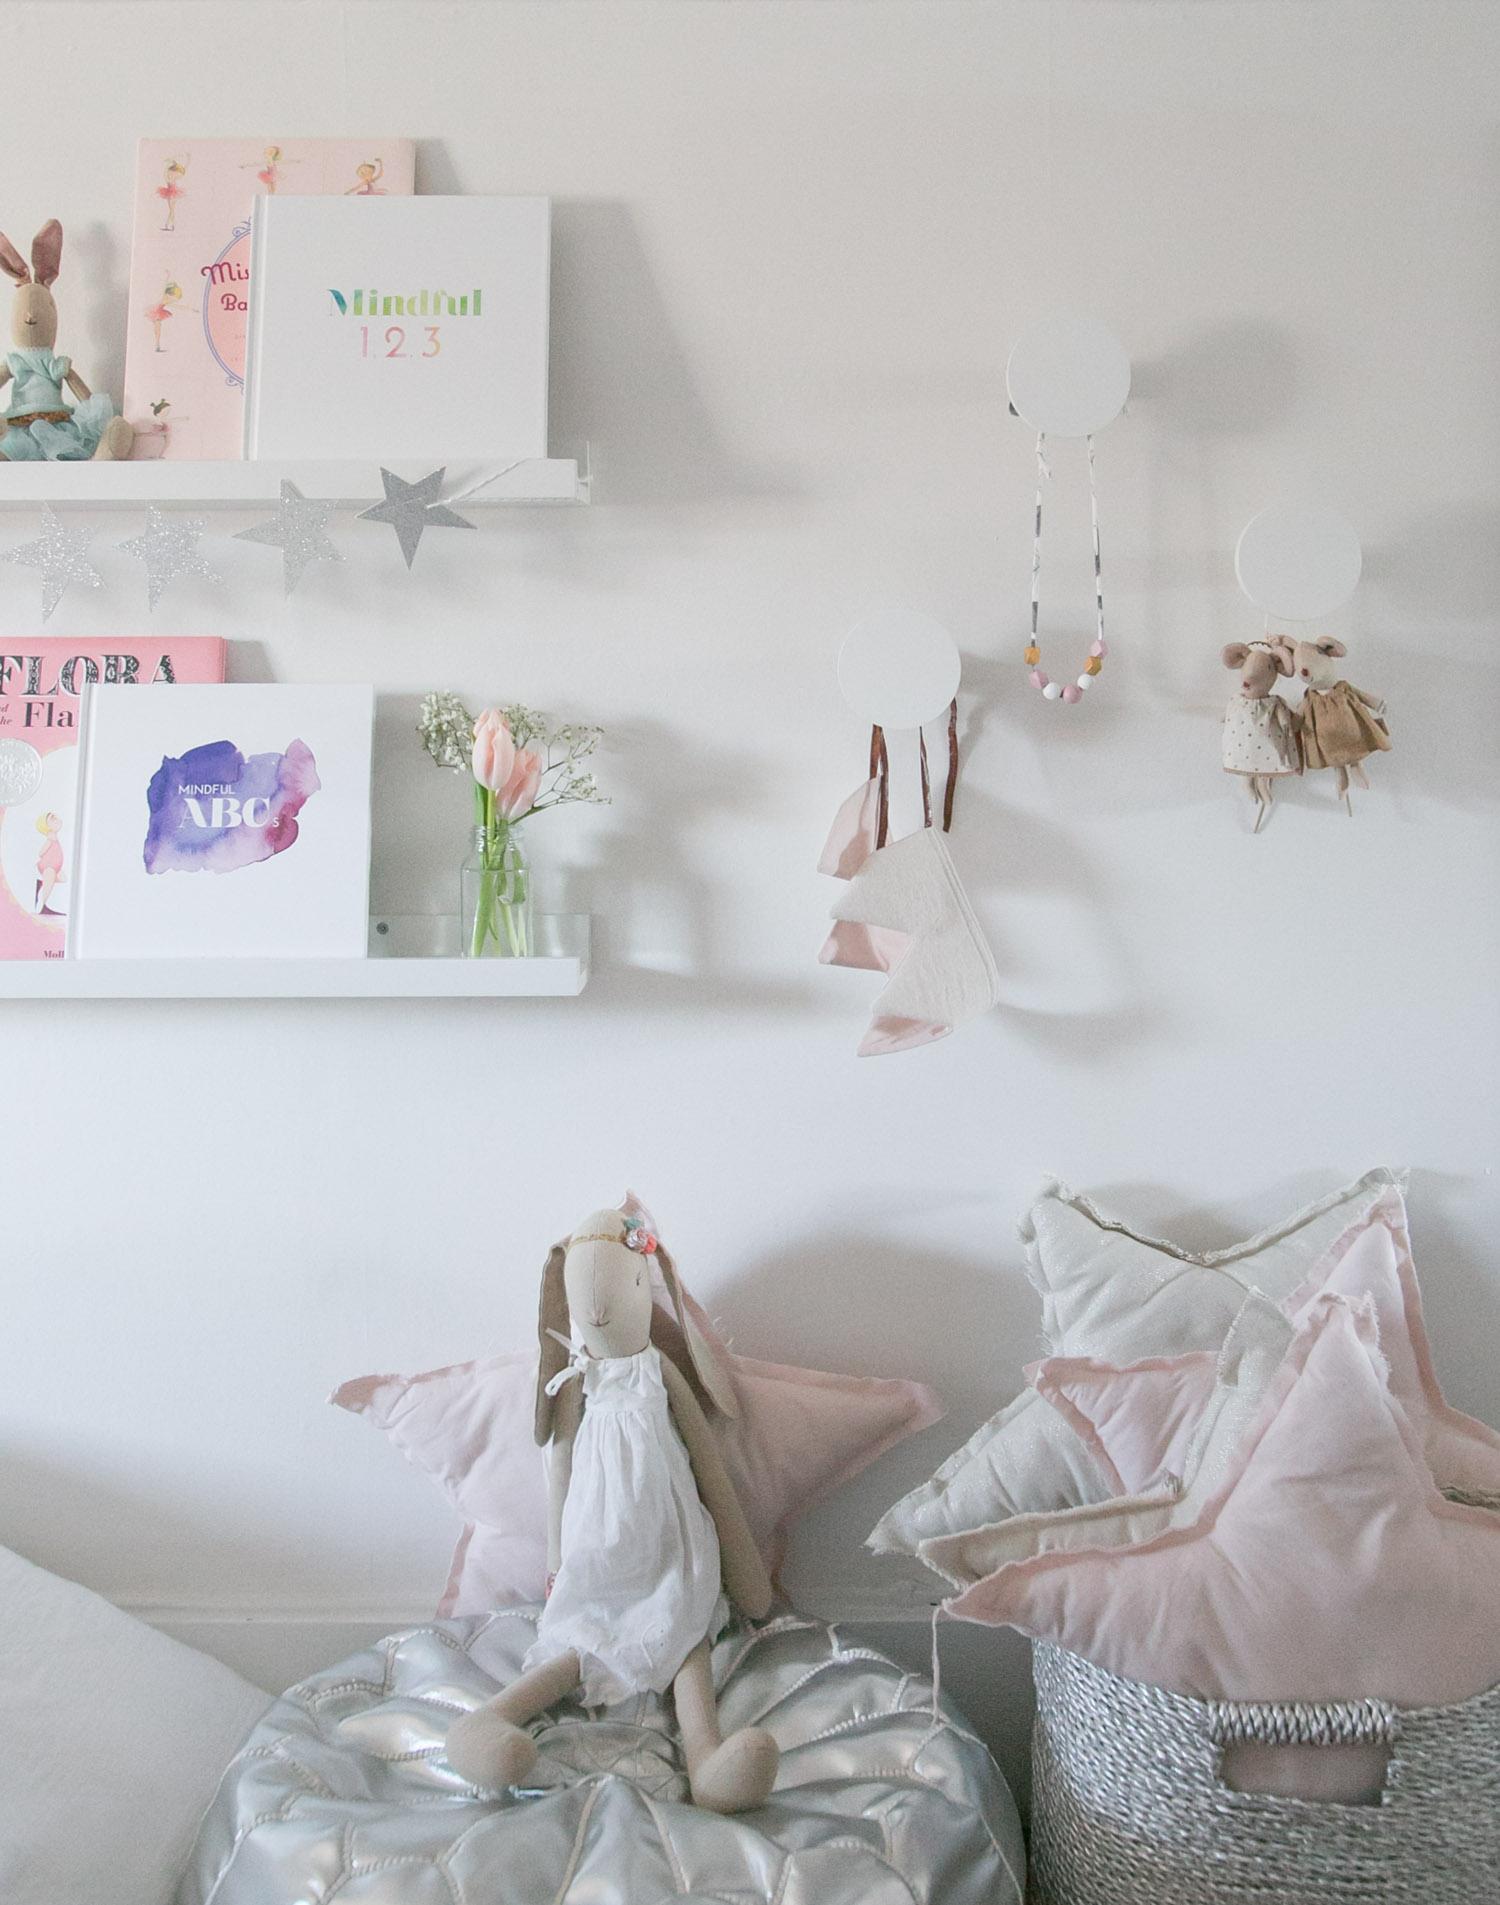 styled shelves in kids room